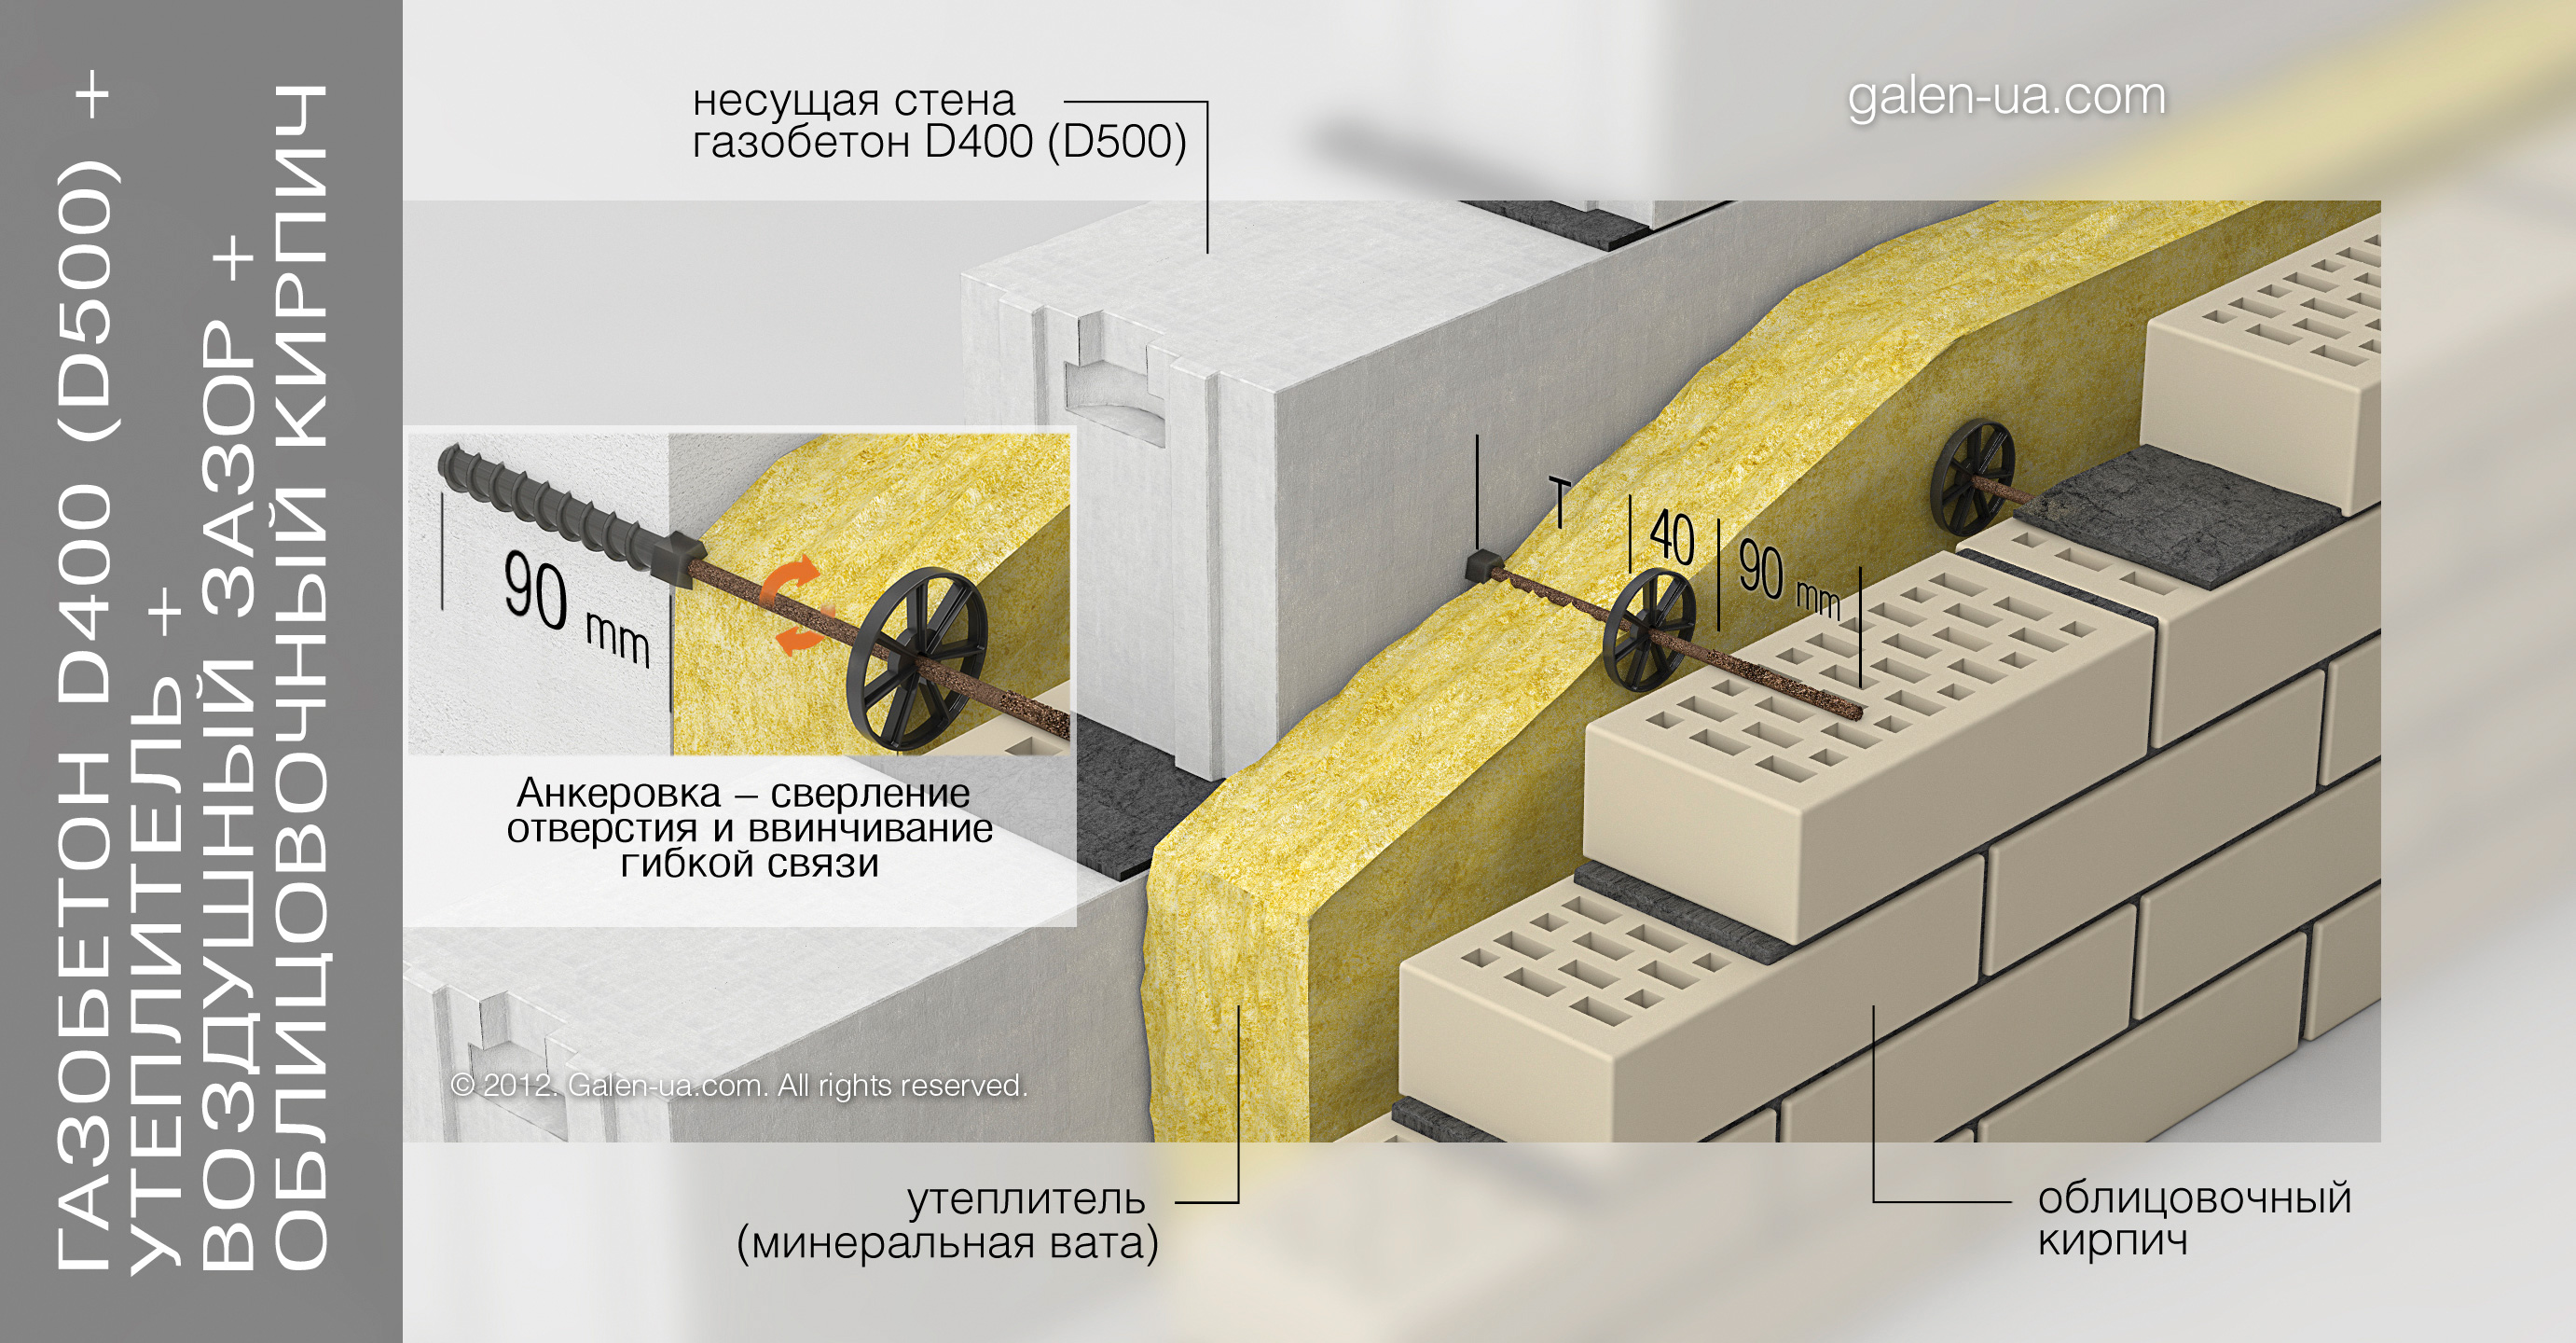 газобетон D400 + утеплитель + облицовочный кирпич